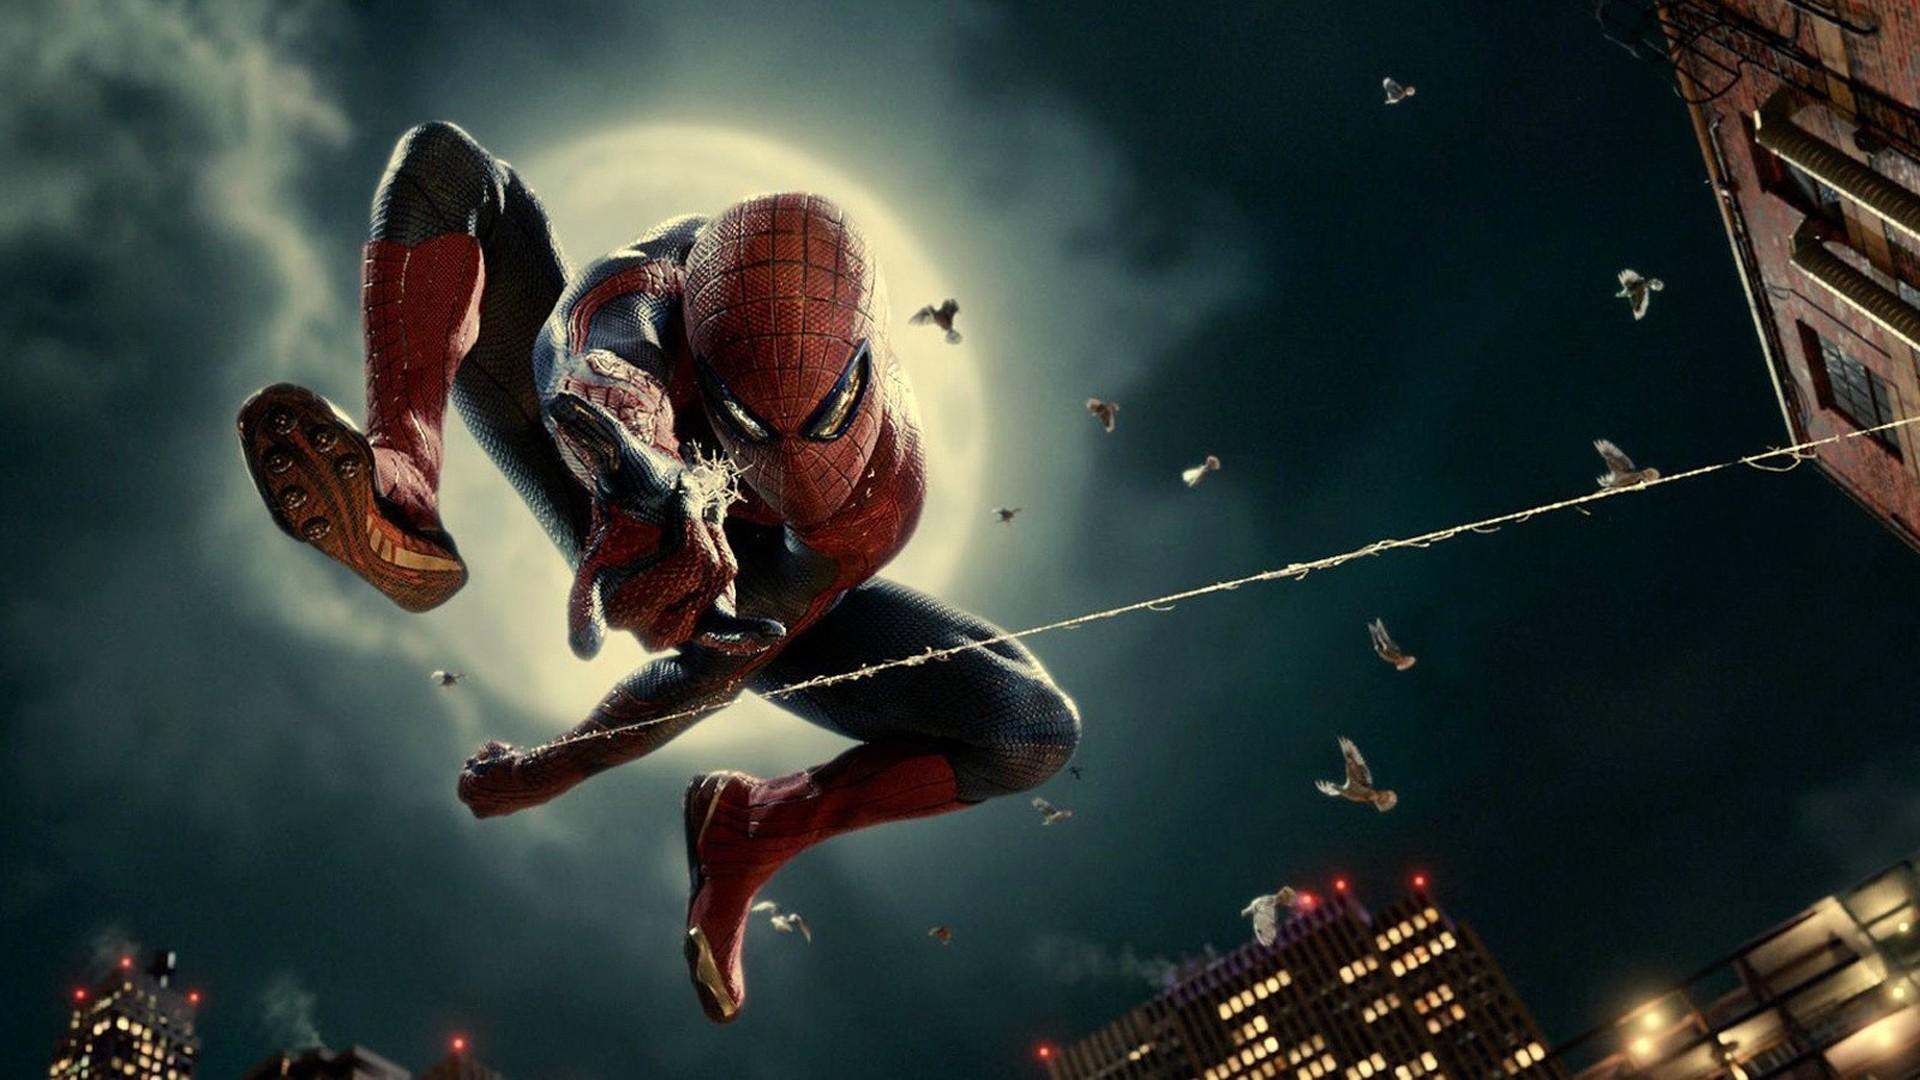 Hình ảnh người nhện bay nhảy